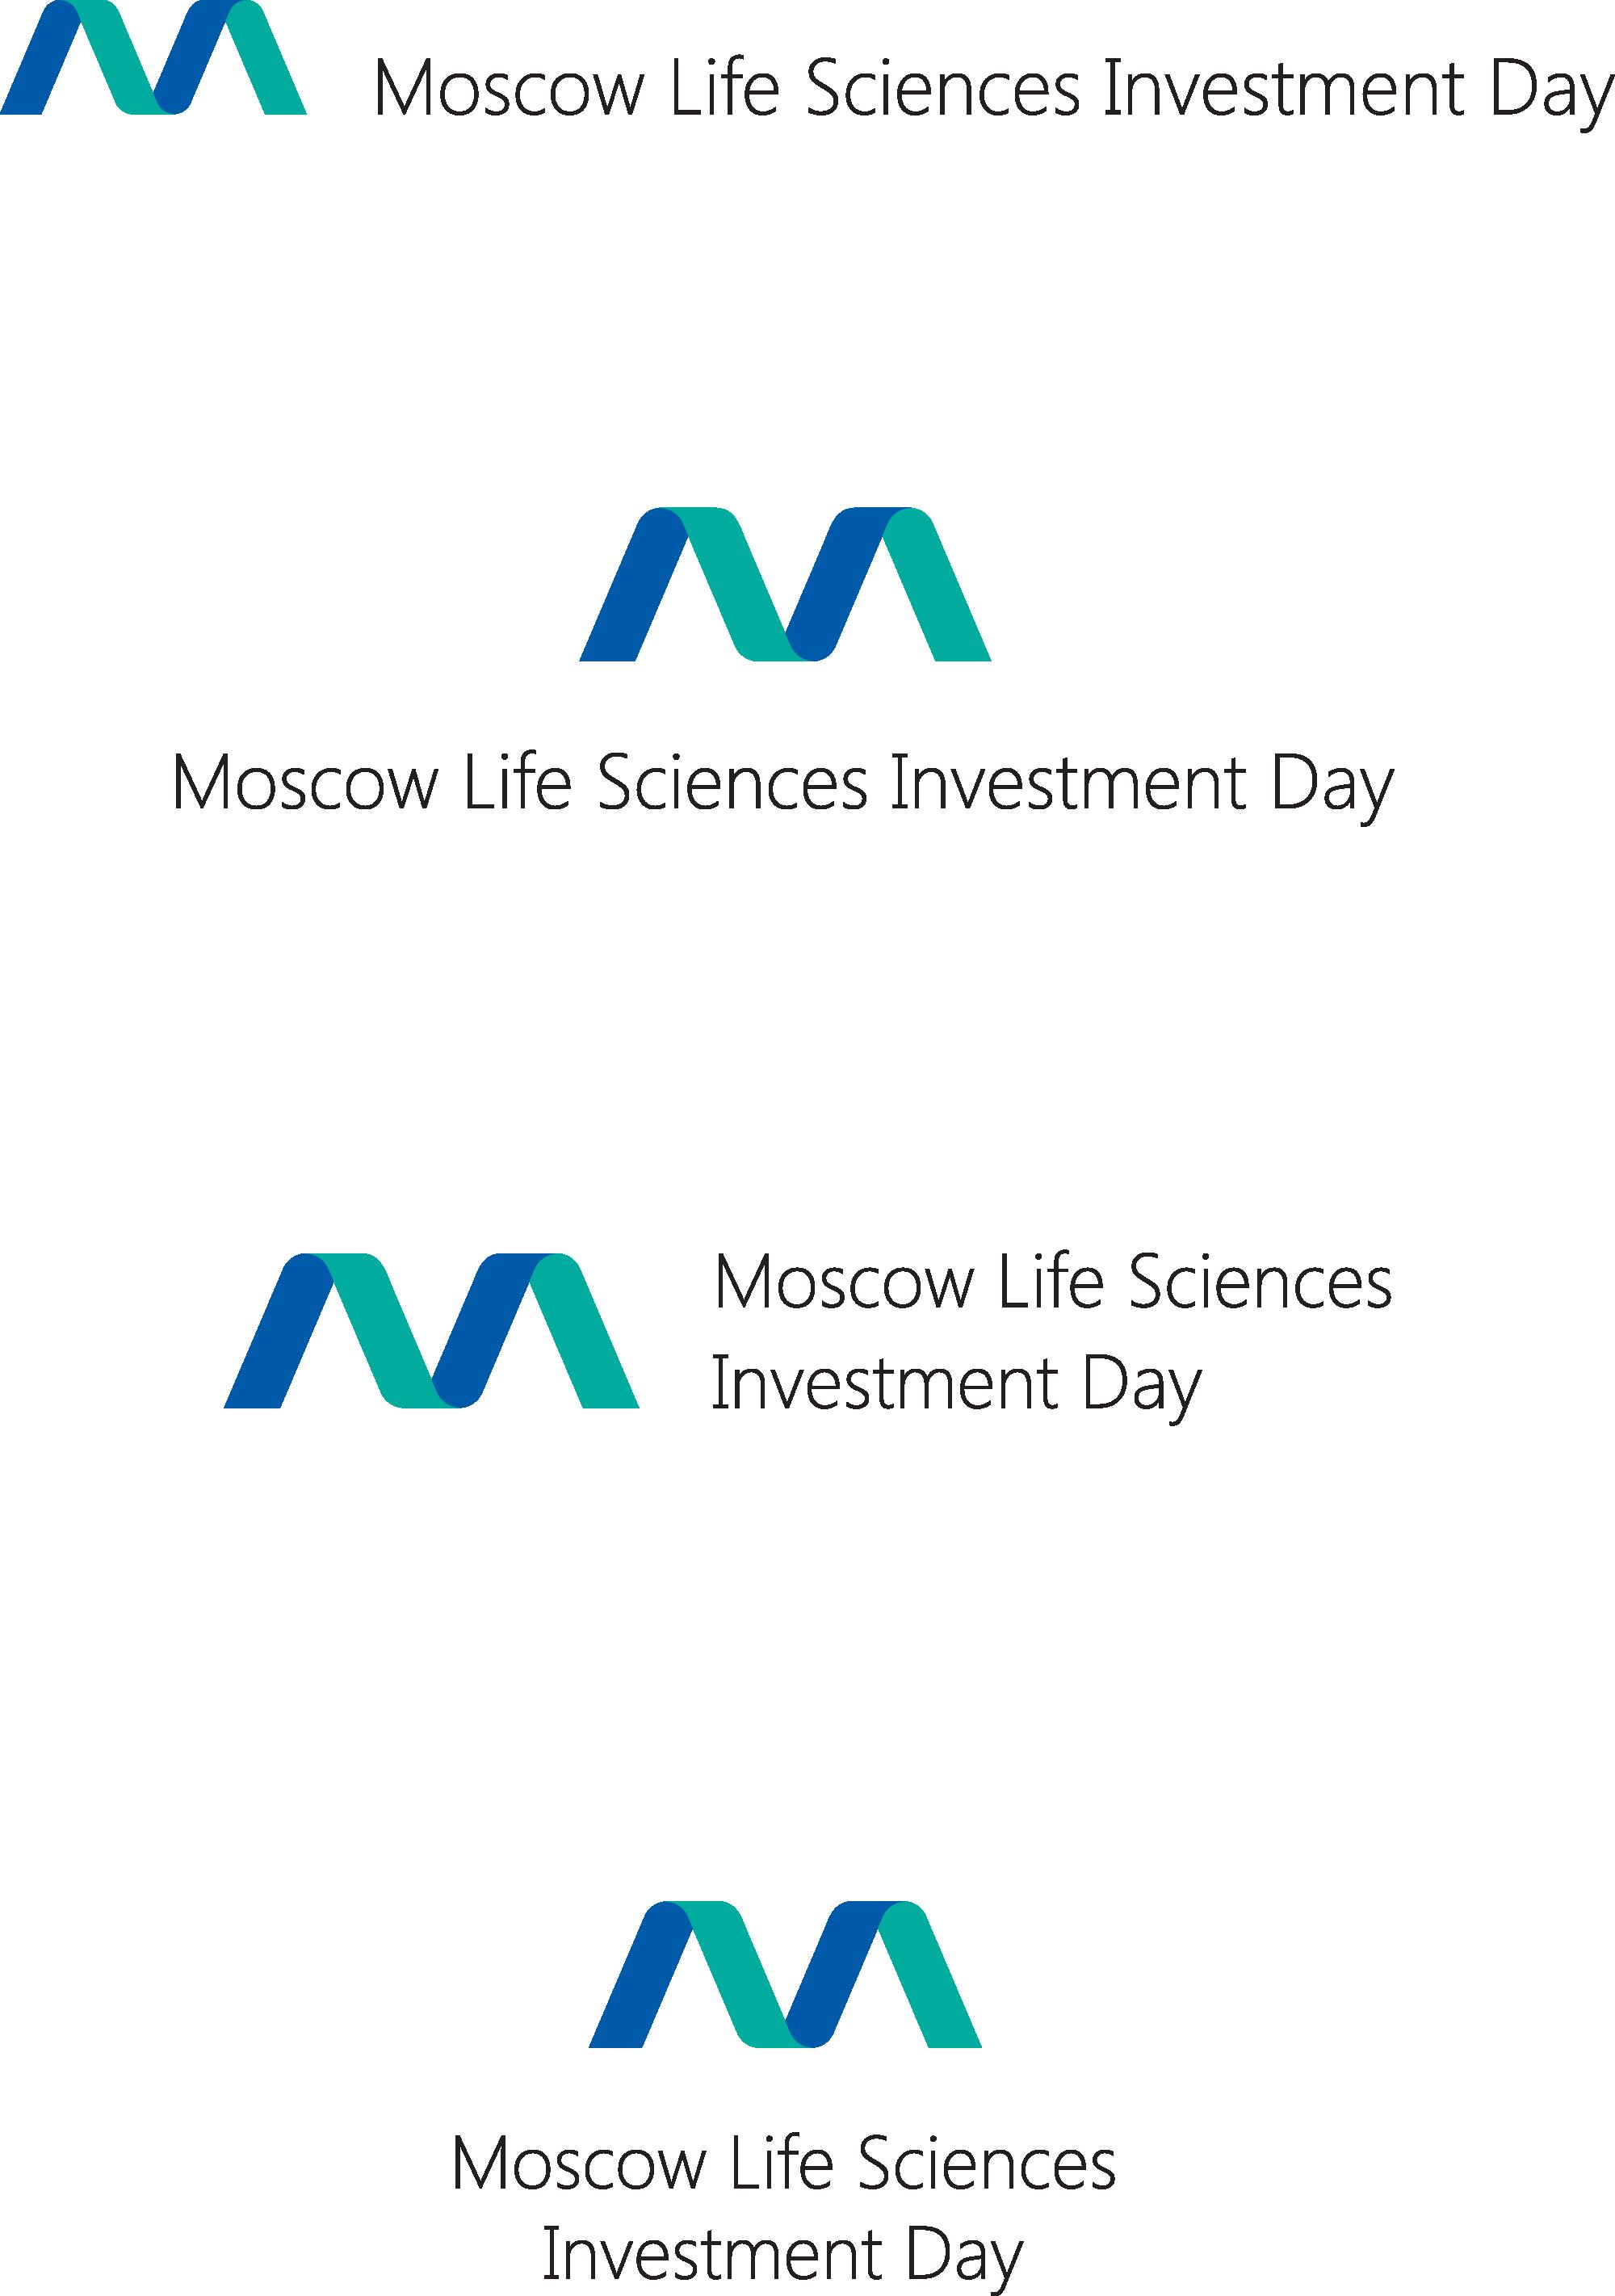 """Векторный логотип Международной инвестиционно-отраслевой конференции """"Moscow Life Sciences Investment Day"""""""